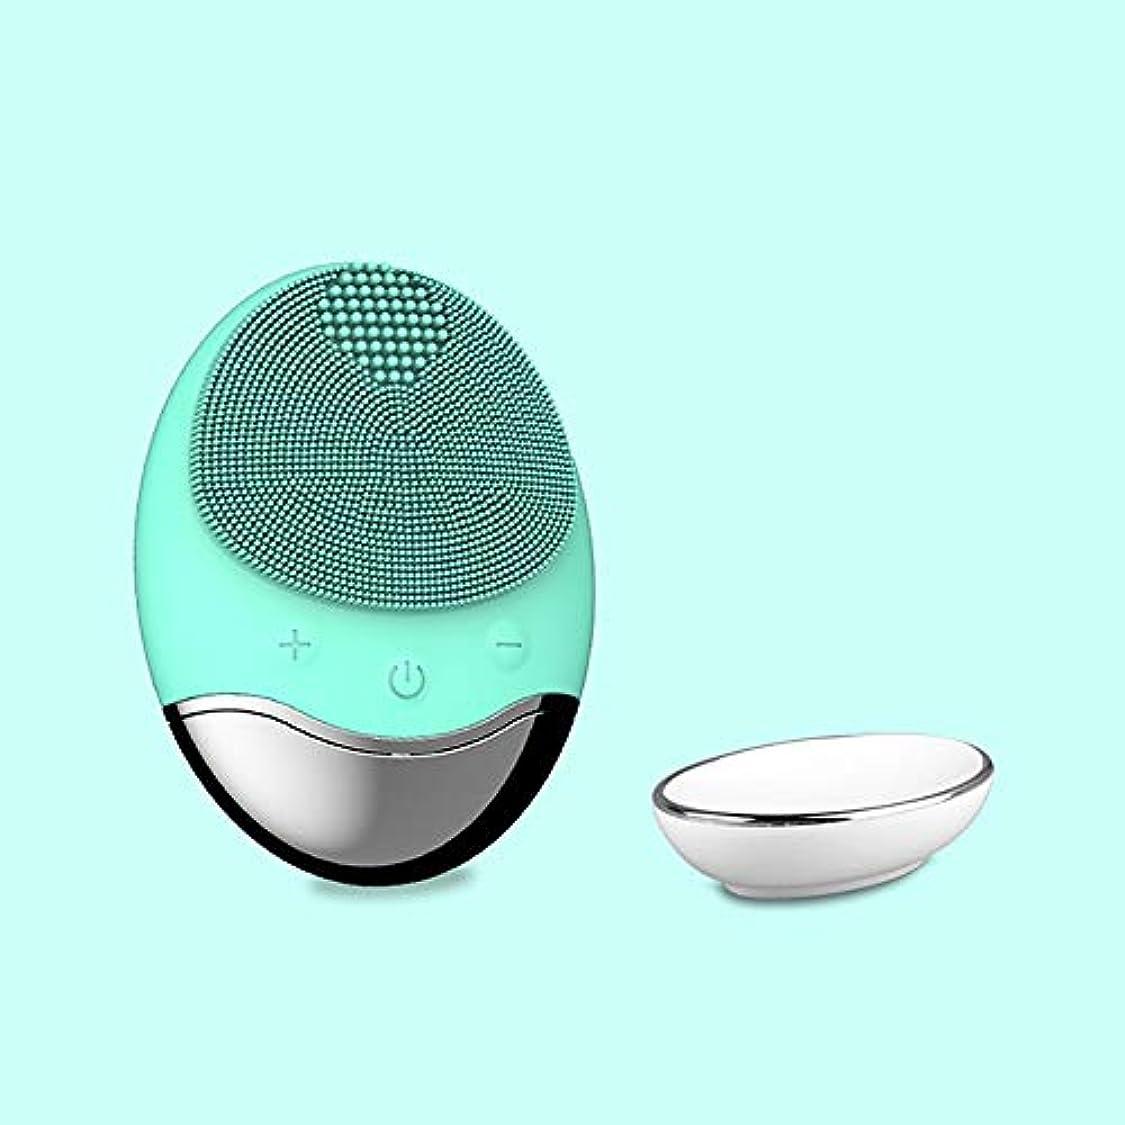 オーク脅威政治家ZXF 新しいアップグレードワイヤレス充電電気家庭用竹炭シリコーン防水超音波洗浄毛穴洗浄器具洗浄器具輸入器具 滑らかである (色 : Green)